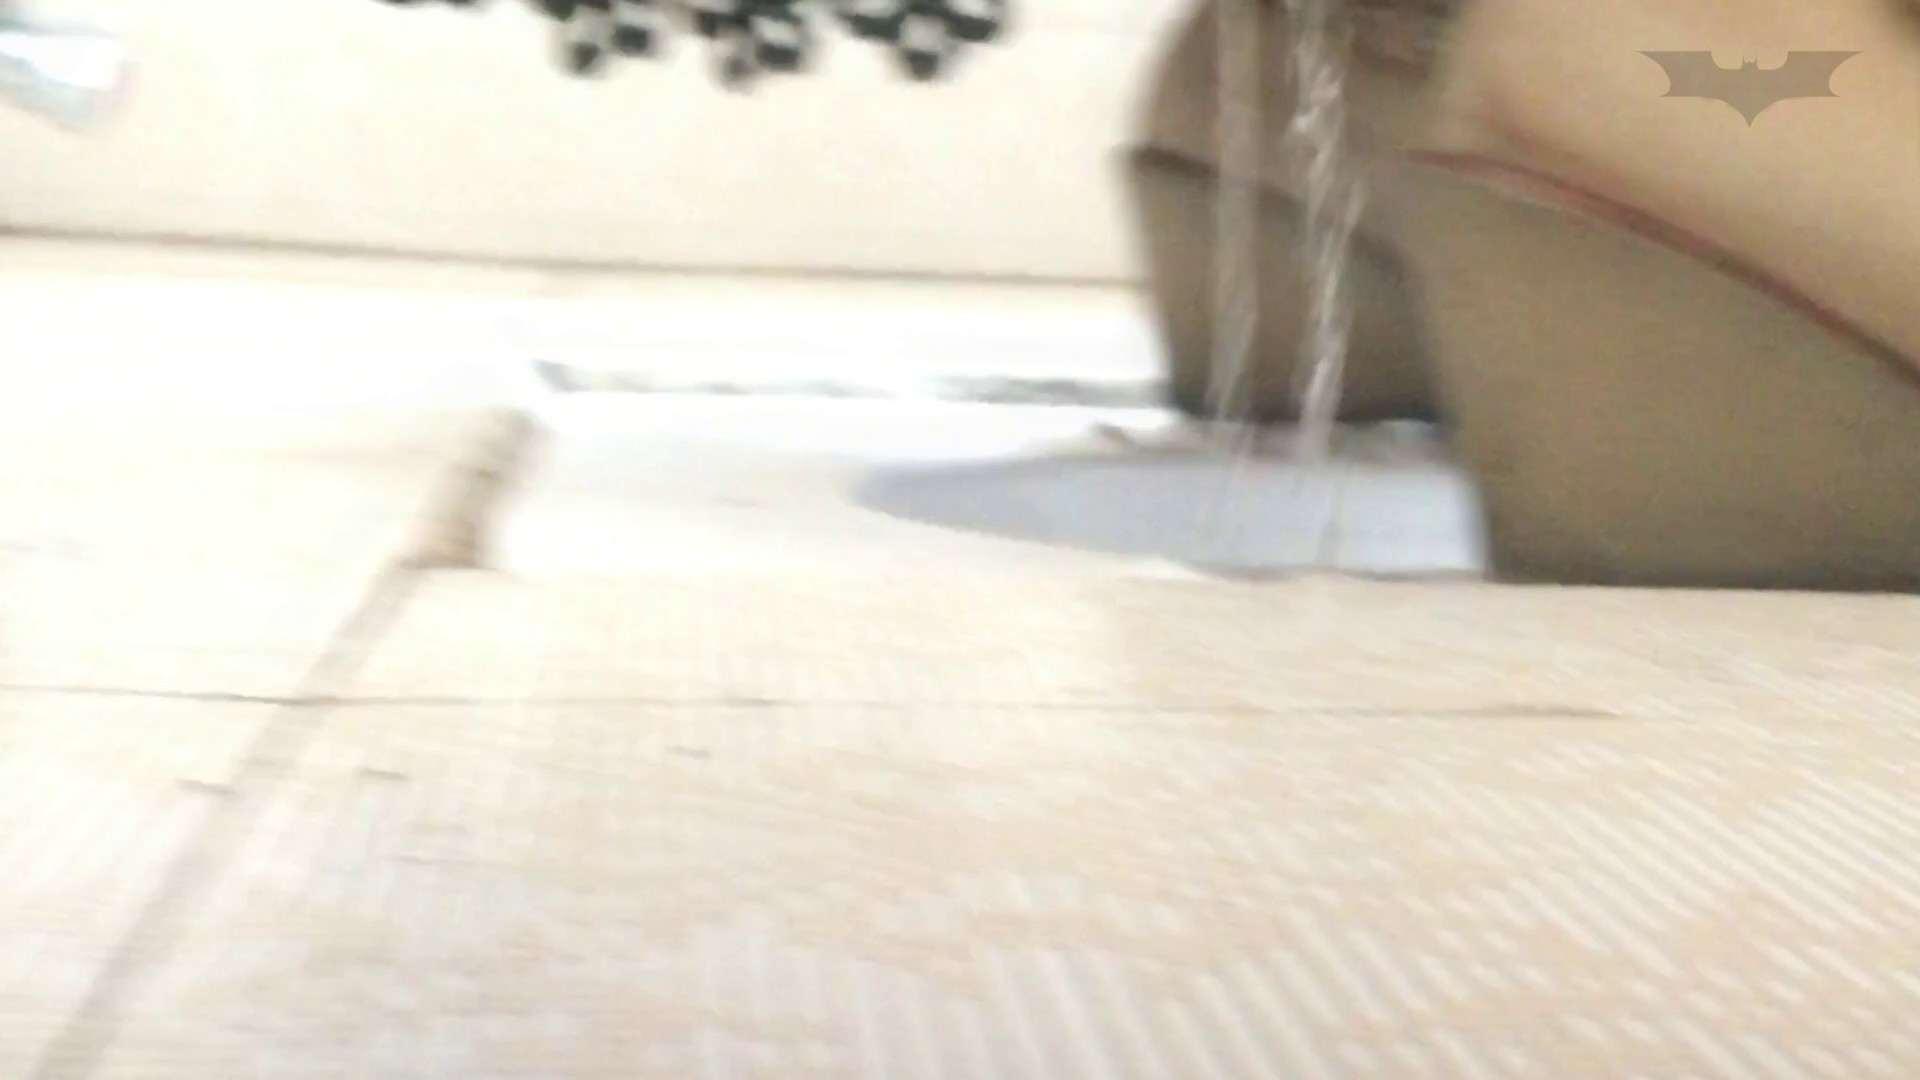 芸術大学ガチ潜入盗撮 JD盗撮 美女の洗面所の秘密 Vol.108 色っぽいOL達 セックス画像 95pic 32